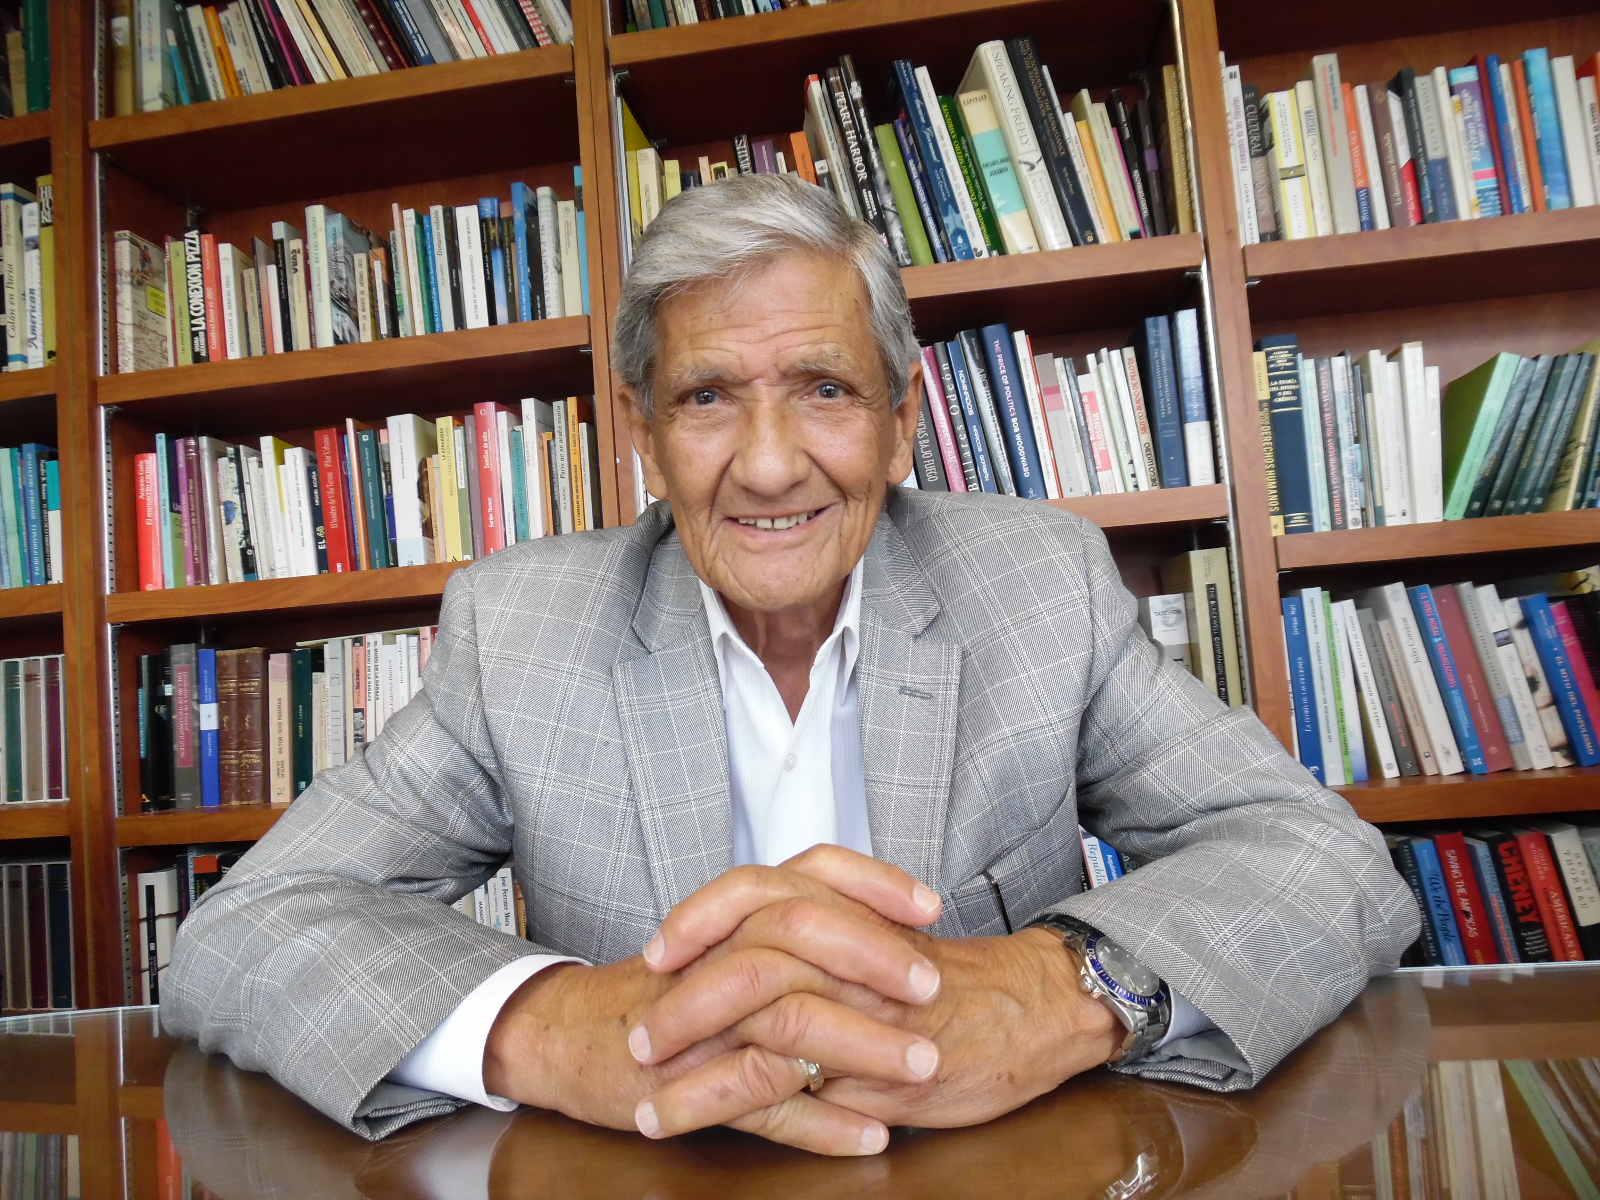 «Os campos de trabalhos forçados foram um verdadeiro inferno», narra o Embaixador Armando Valladares na sua entrevista exclusiva ao Portal Dies Irae (2/3)